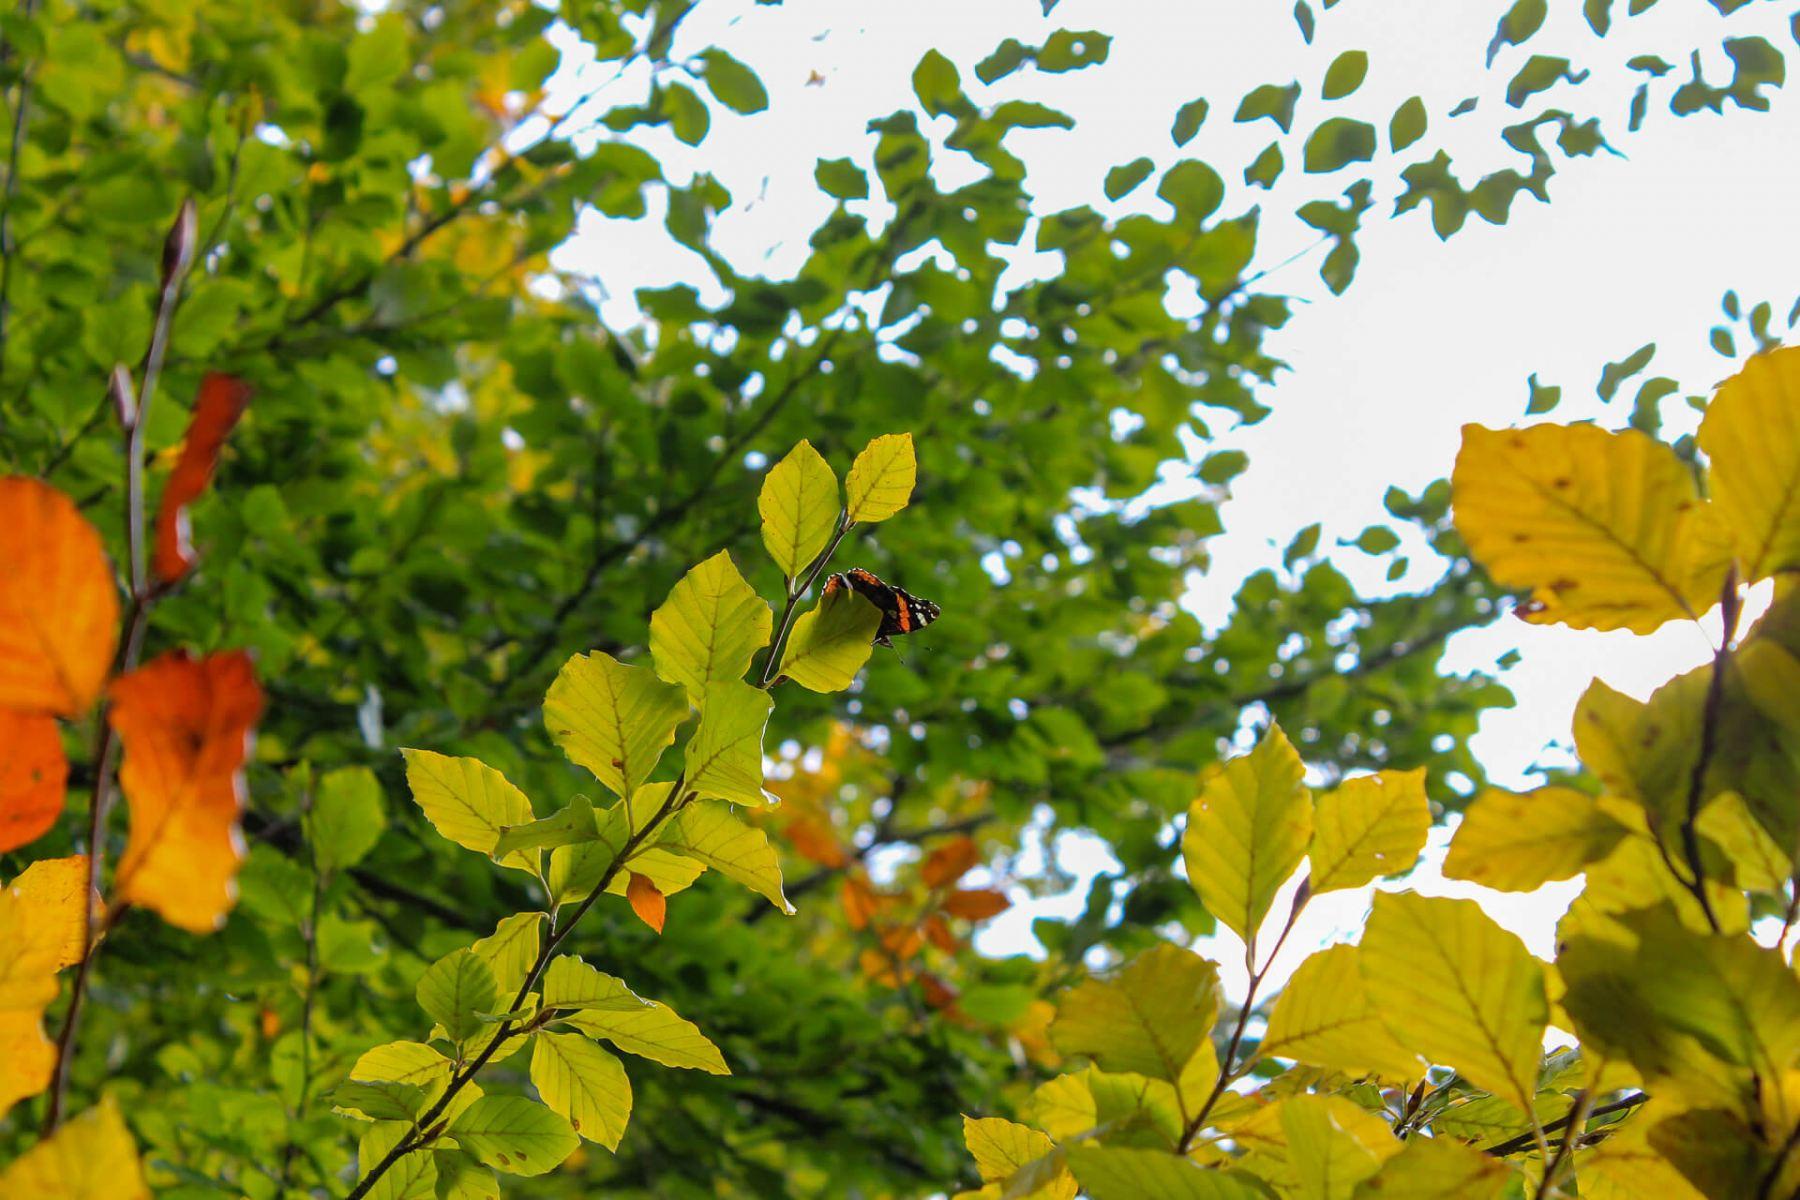 butterlfy-spotting-symonds-yat-trail-1